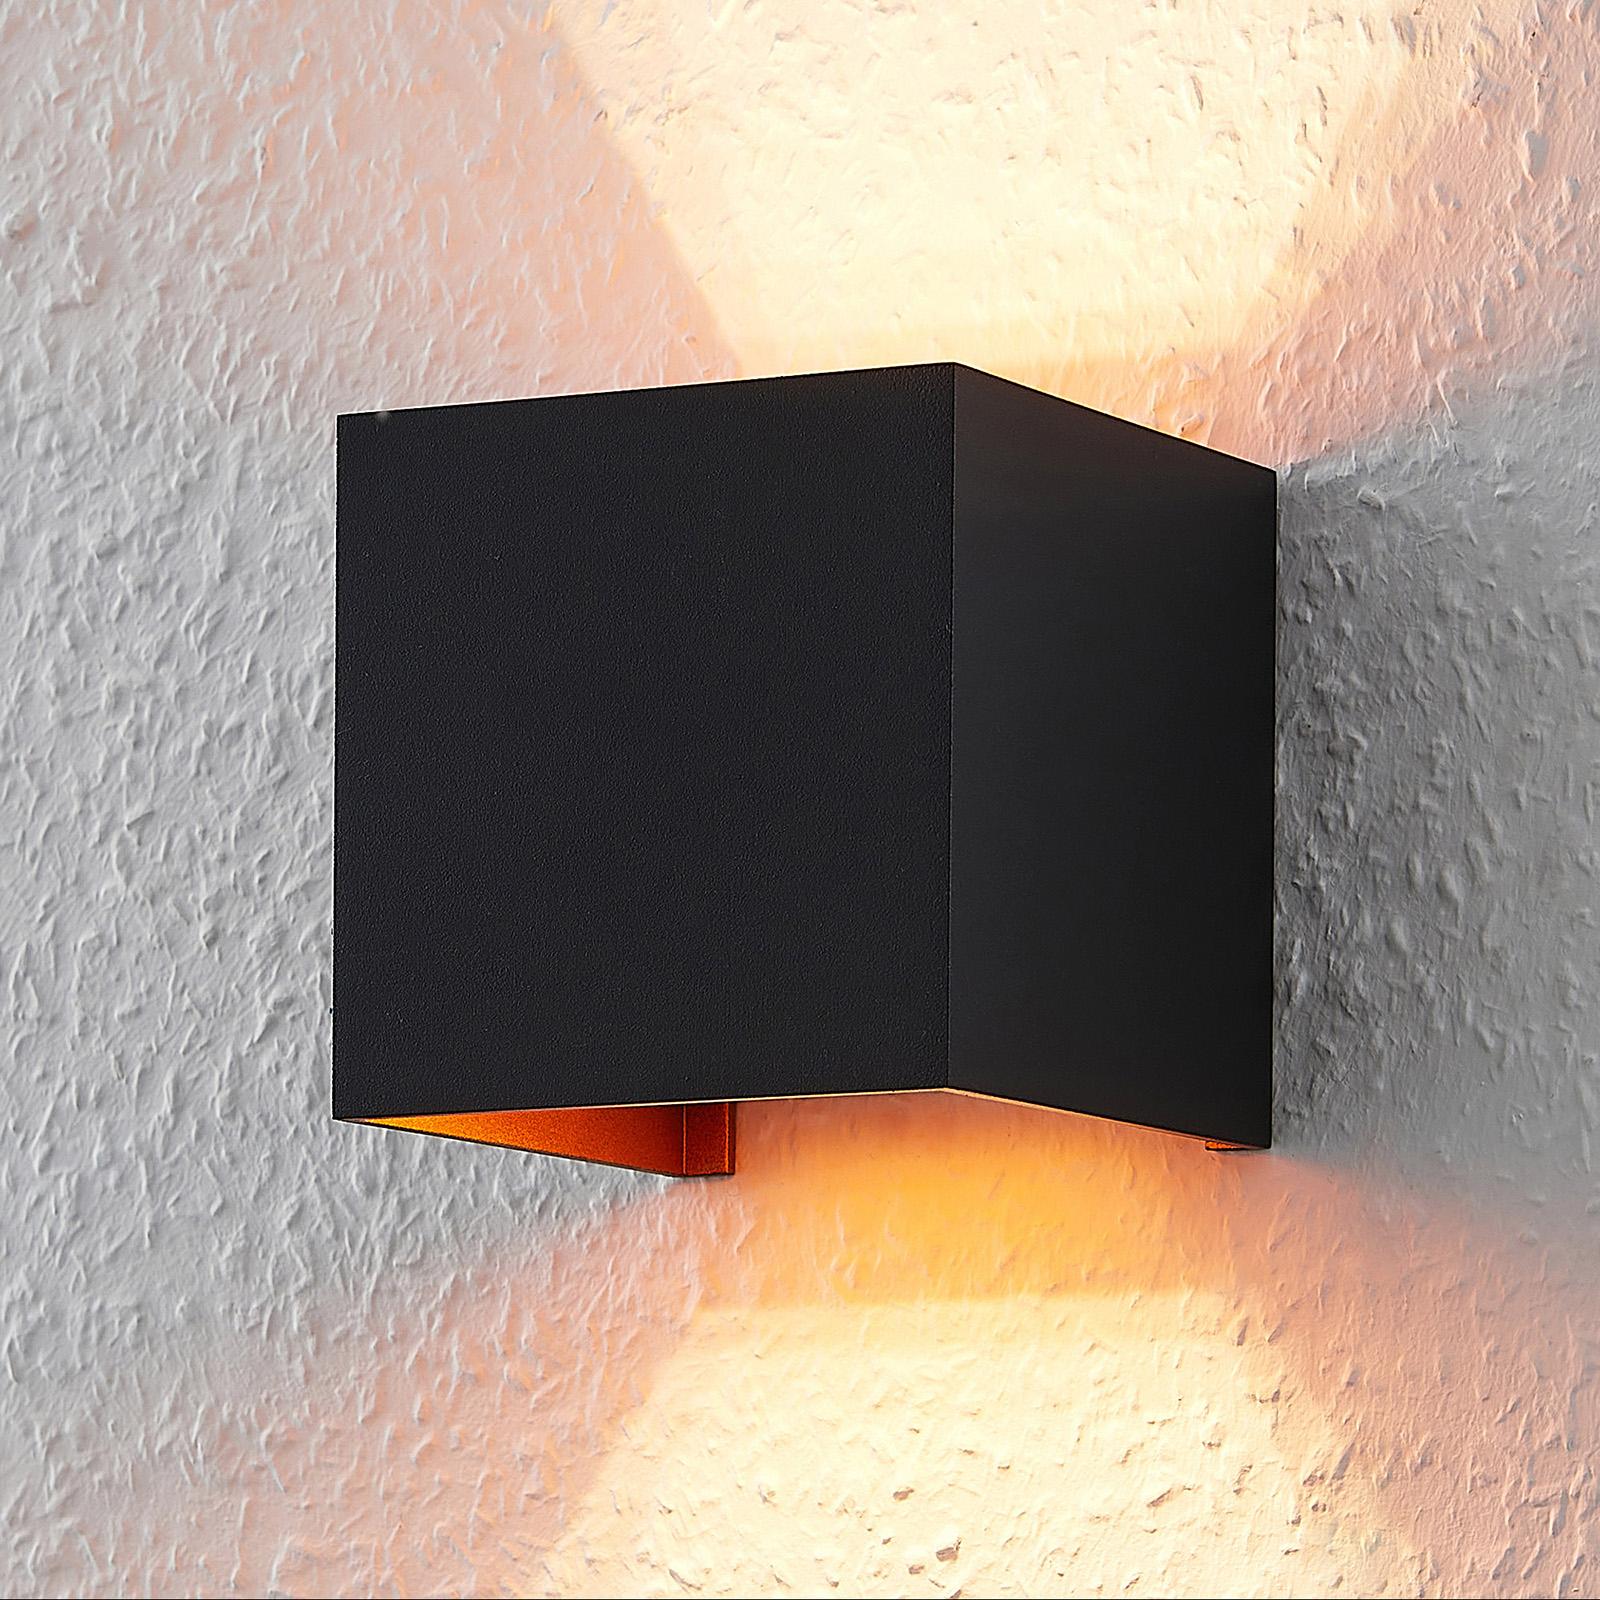 Firkantet LED væglampe G9 pære sort-gylden